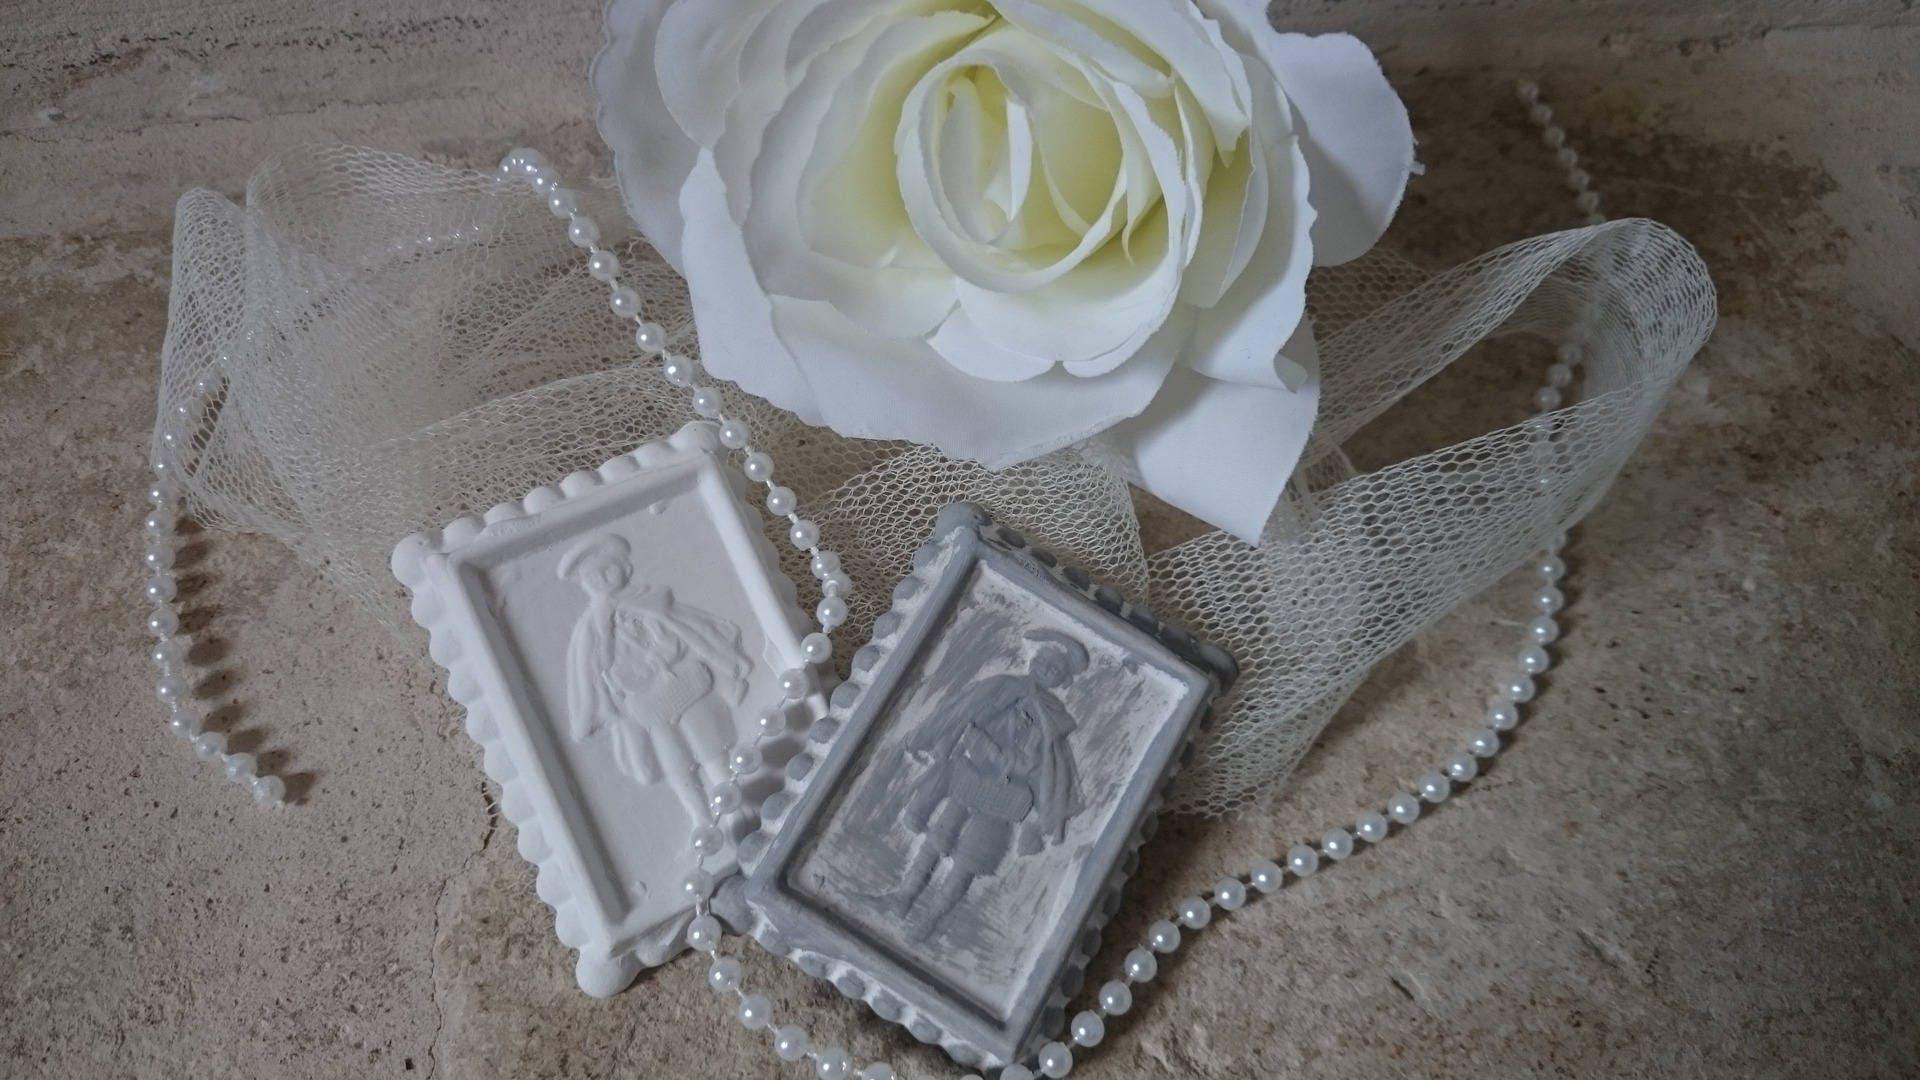 petits beurres p 39 tit colier en pl tre pour d co. Black Bedroom Furniture Sets. Home Design Ideas